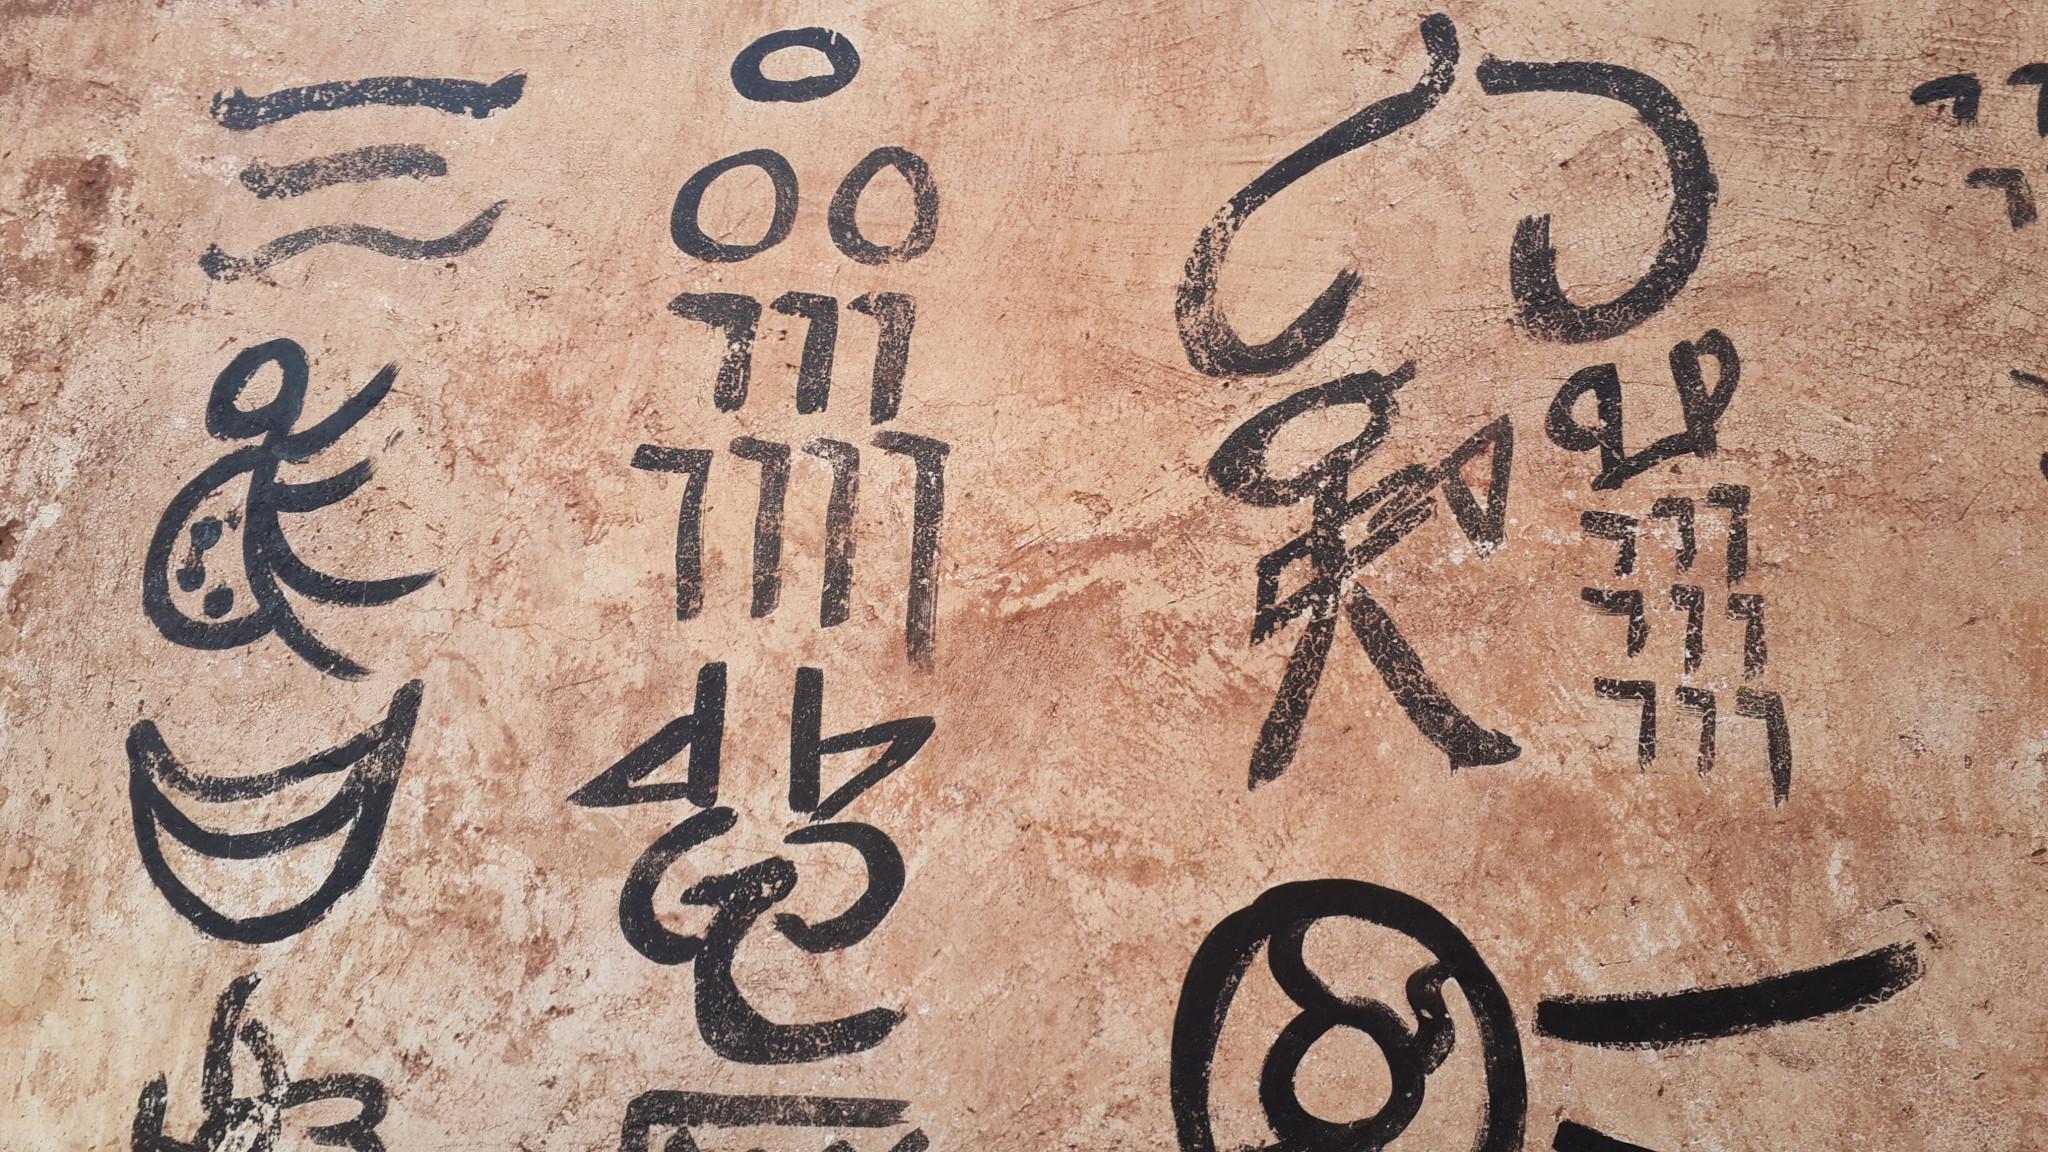 纳西族东巴象形文字_纳西文字-云南丽江纳西族创造的什么文字被称为活的象形文字?